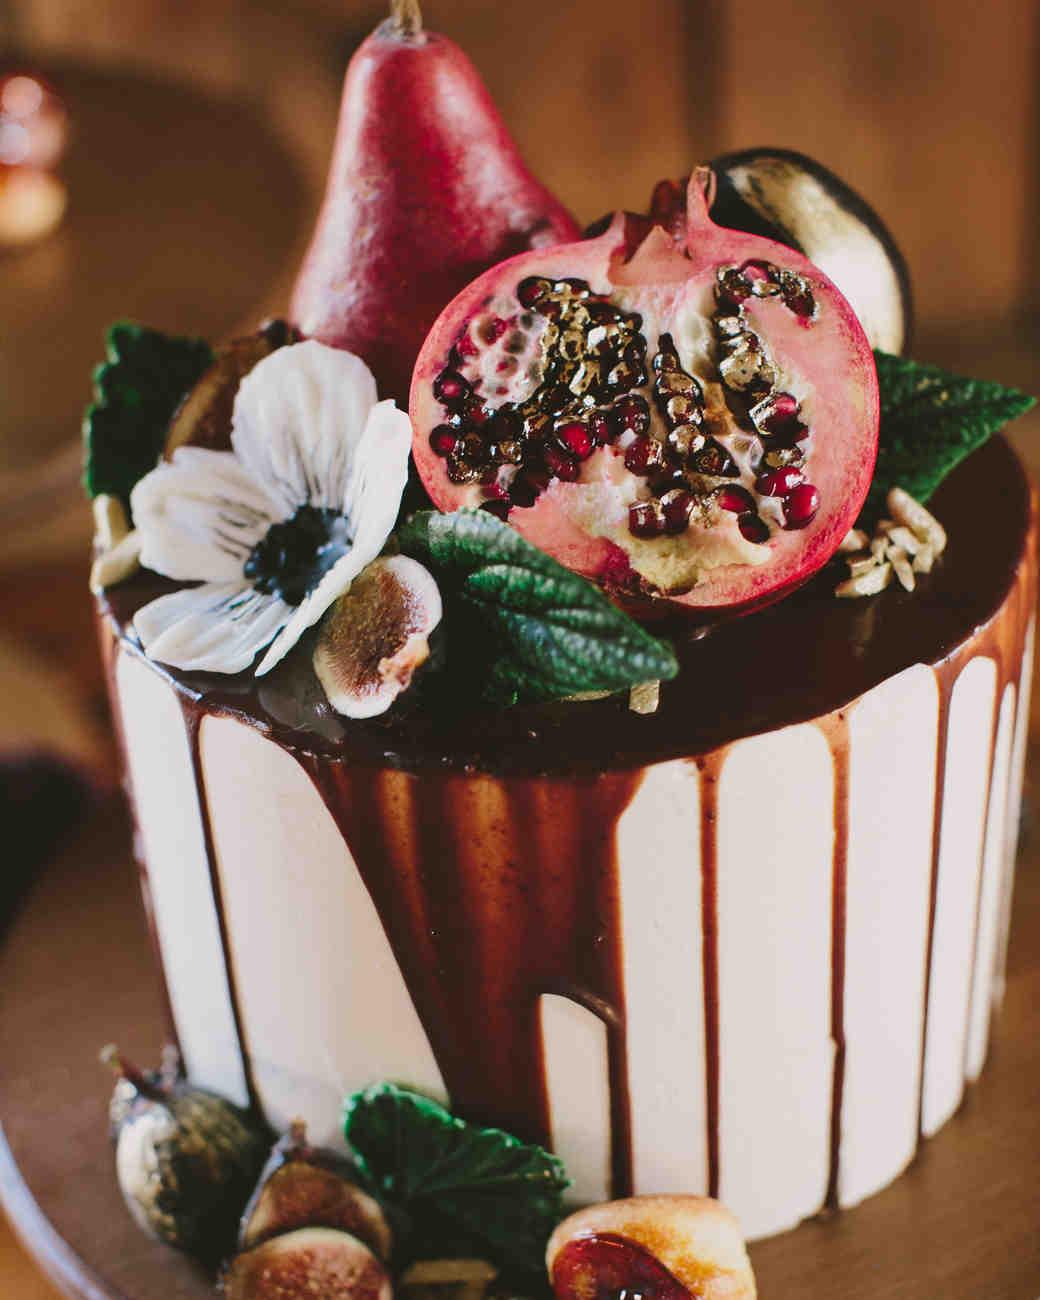 Wedding Cake with Fruit Decorations